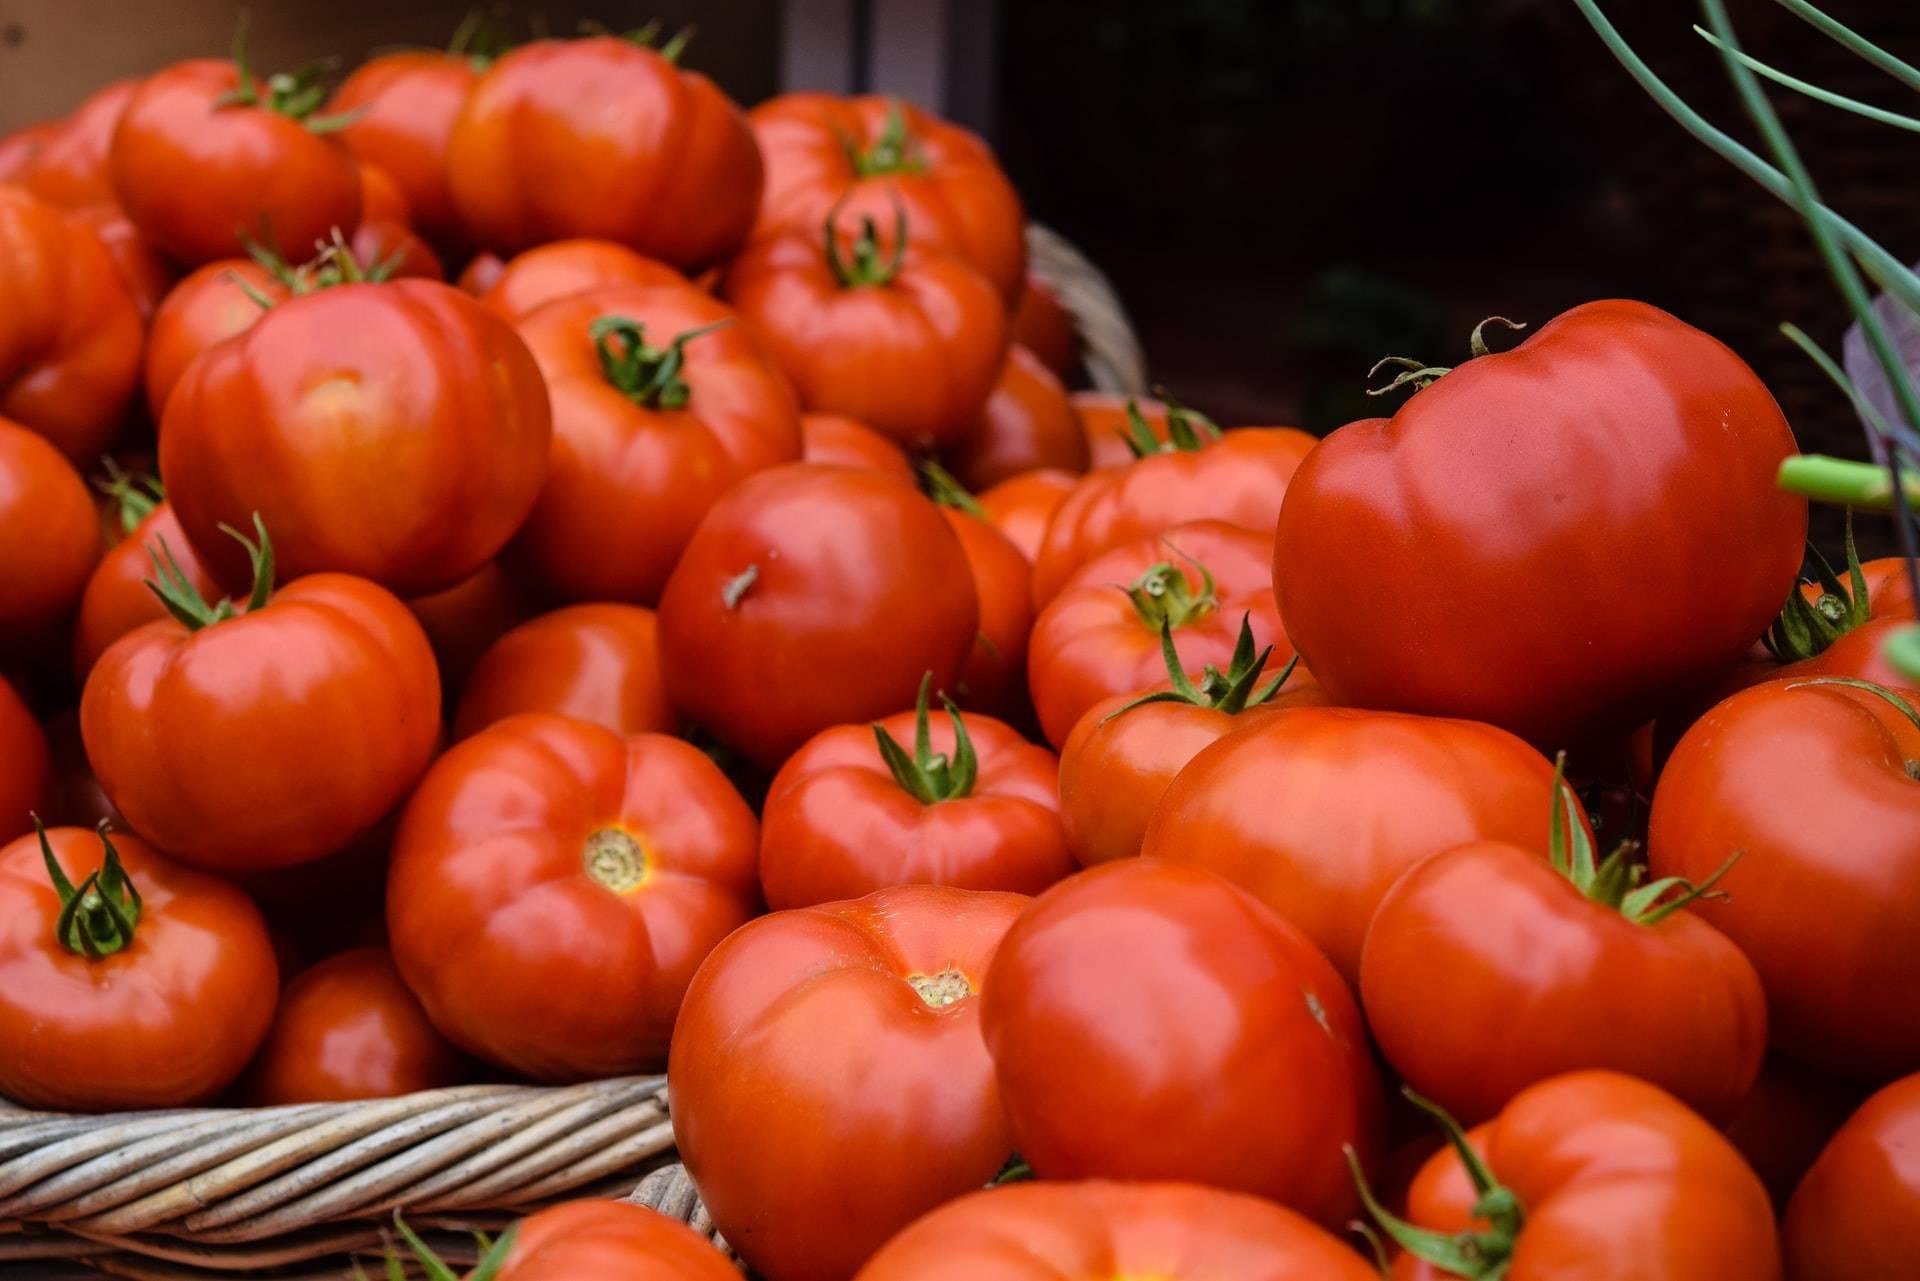 Помидор — это ягода или овощ?